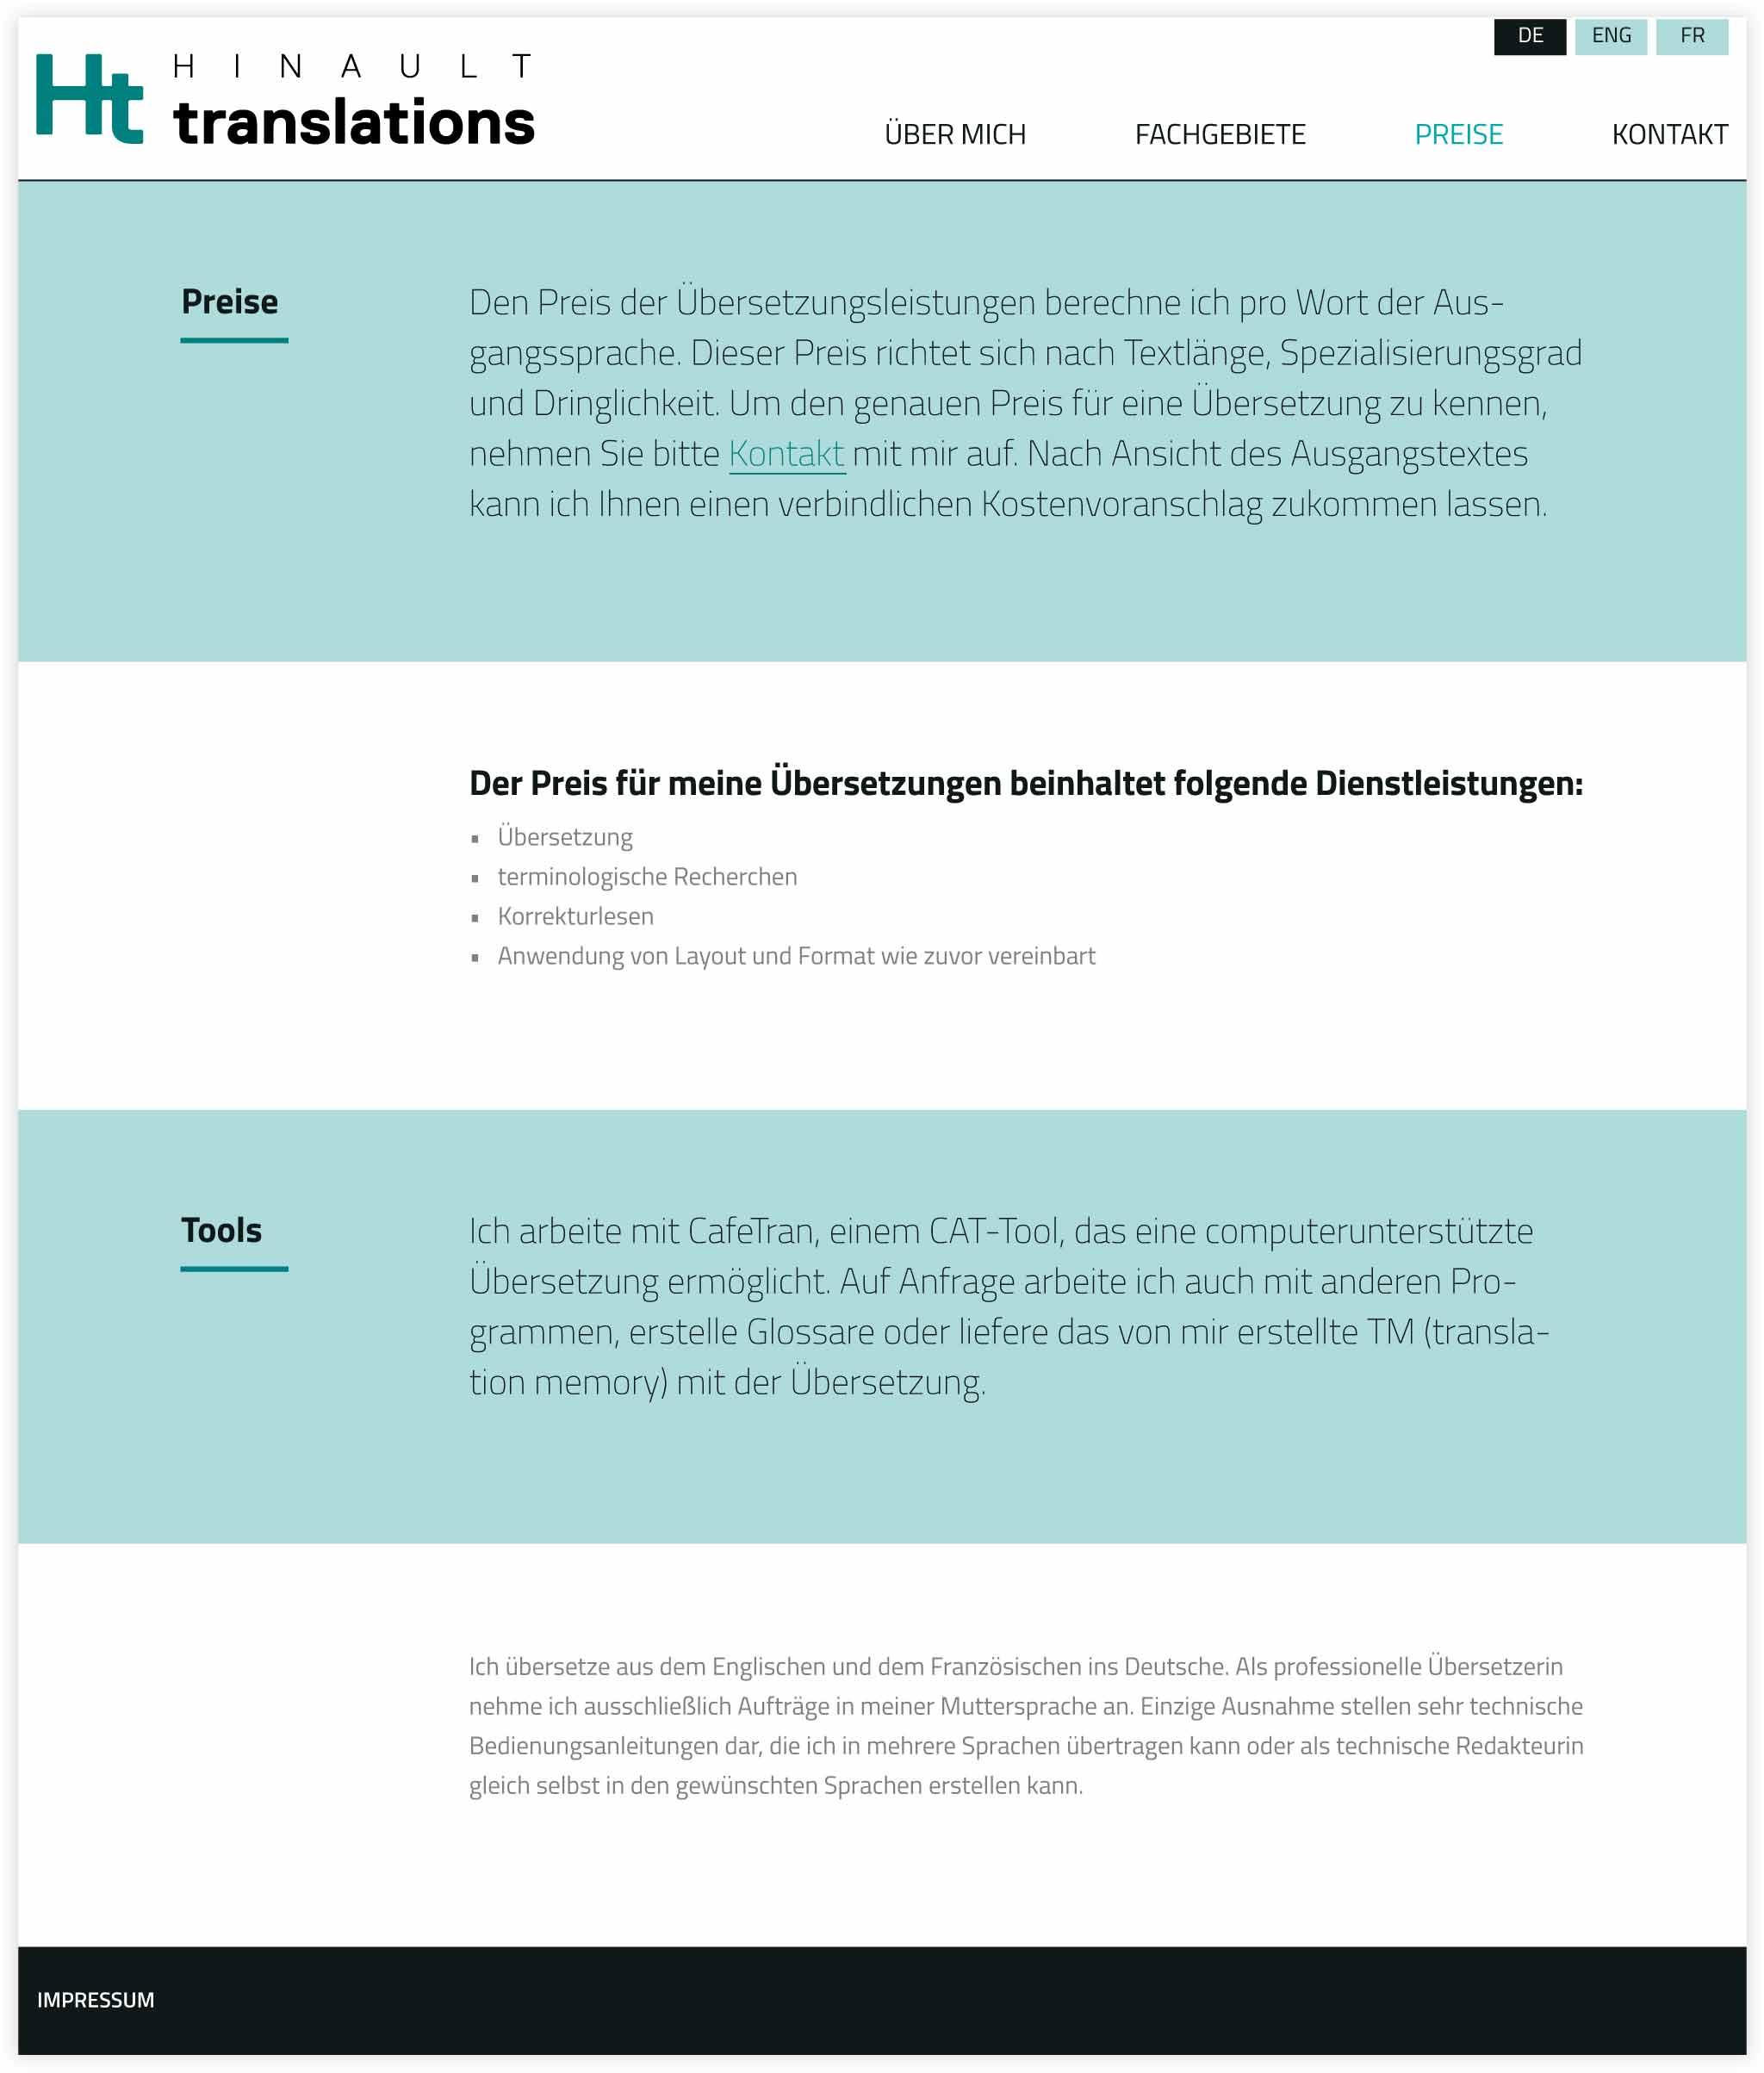 HINAULT translations Webdesign GesaSiebert Kommunikationsdesign Unterseite Preise